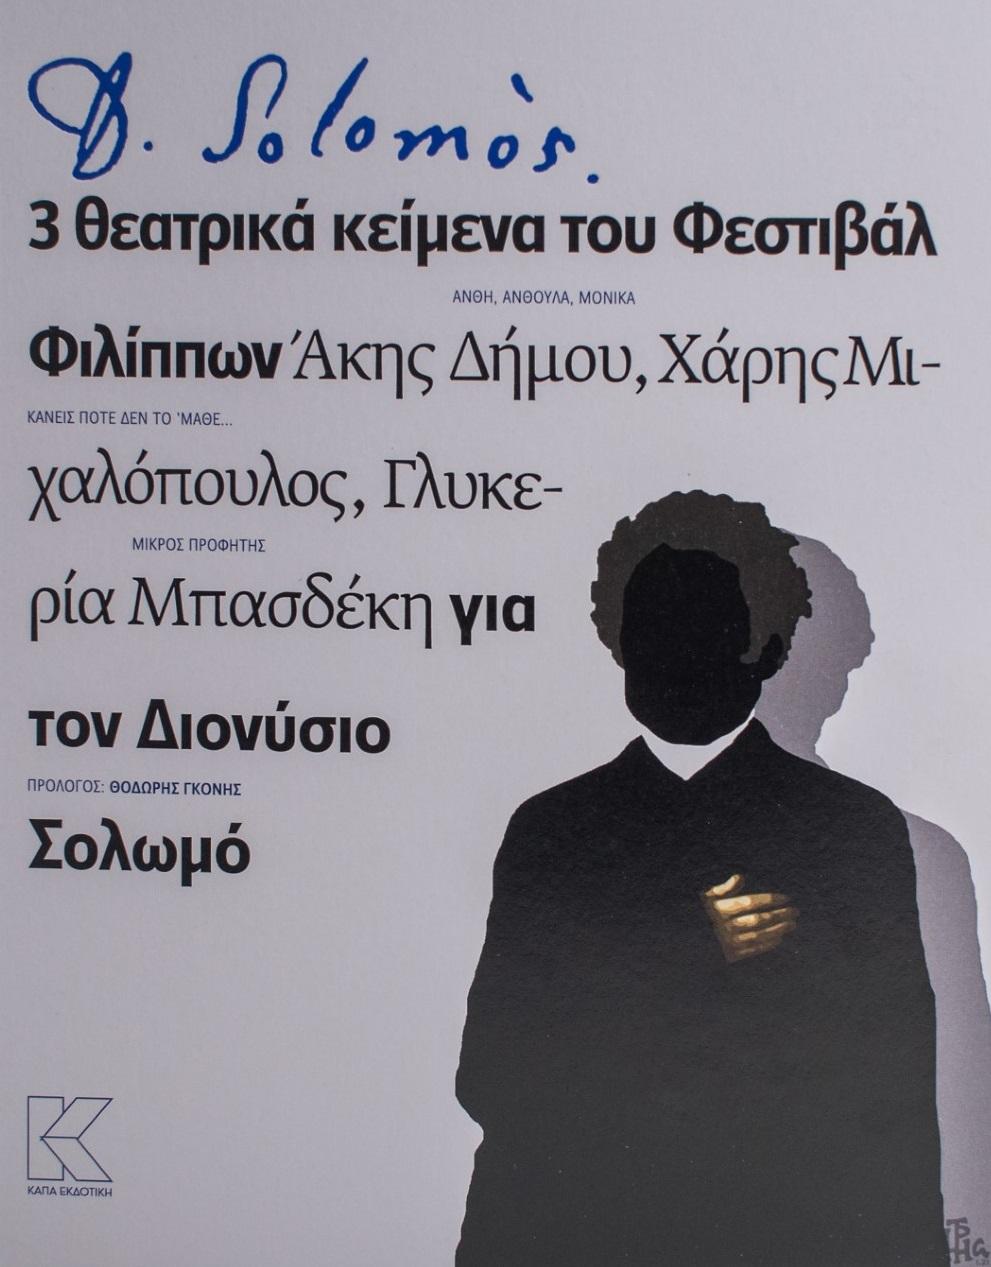 D. Solomos